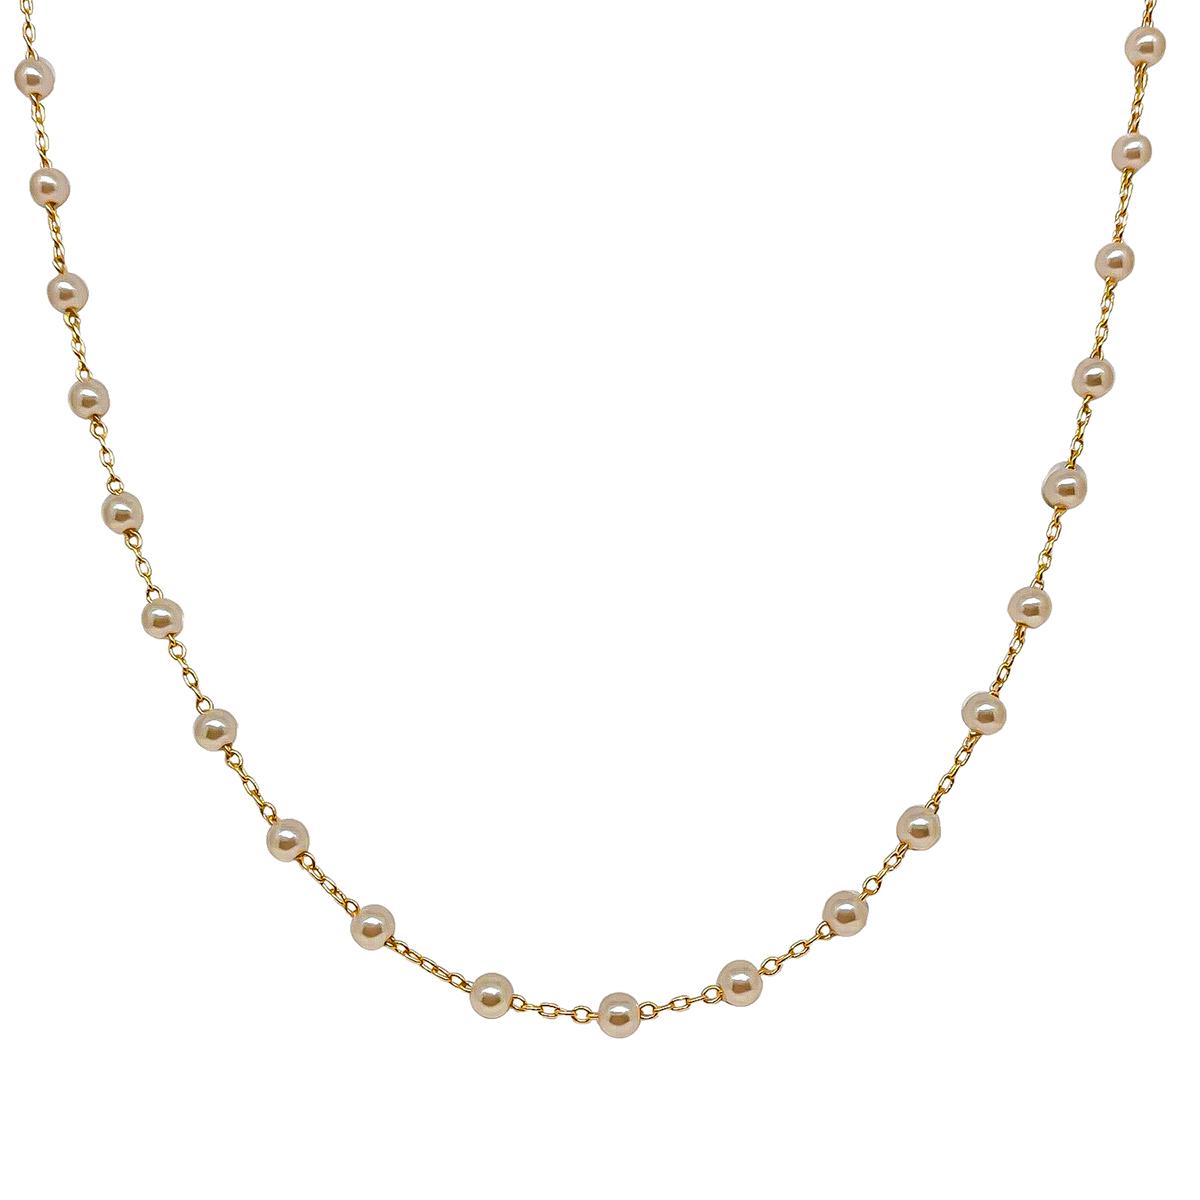 Colar Longo De Pérolas Cor Champanhe 80 cm Folheado Em Ouro